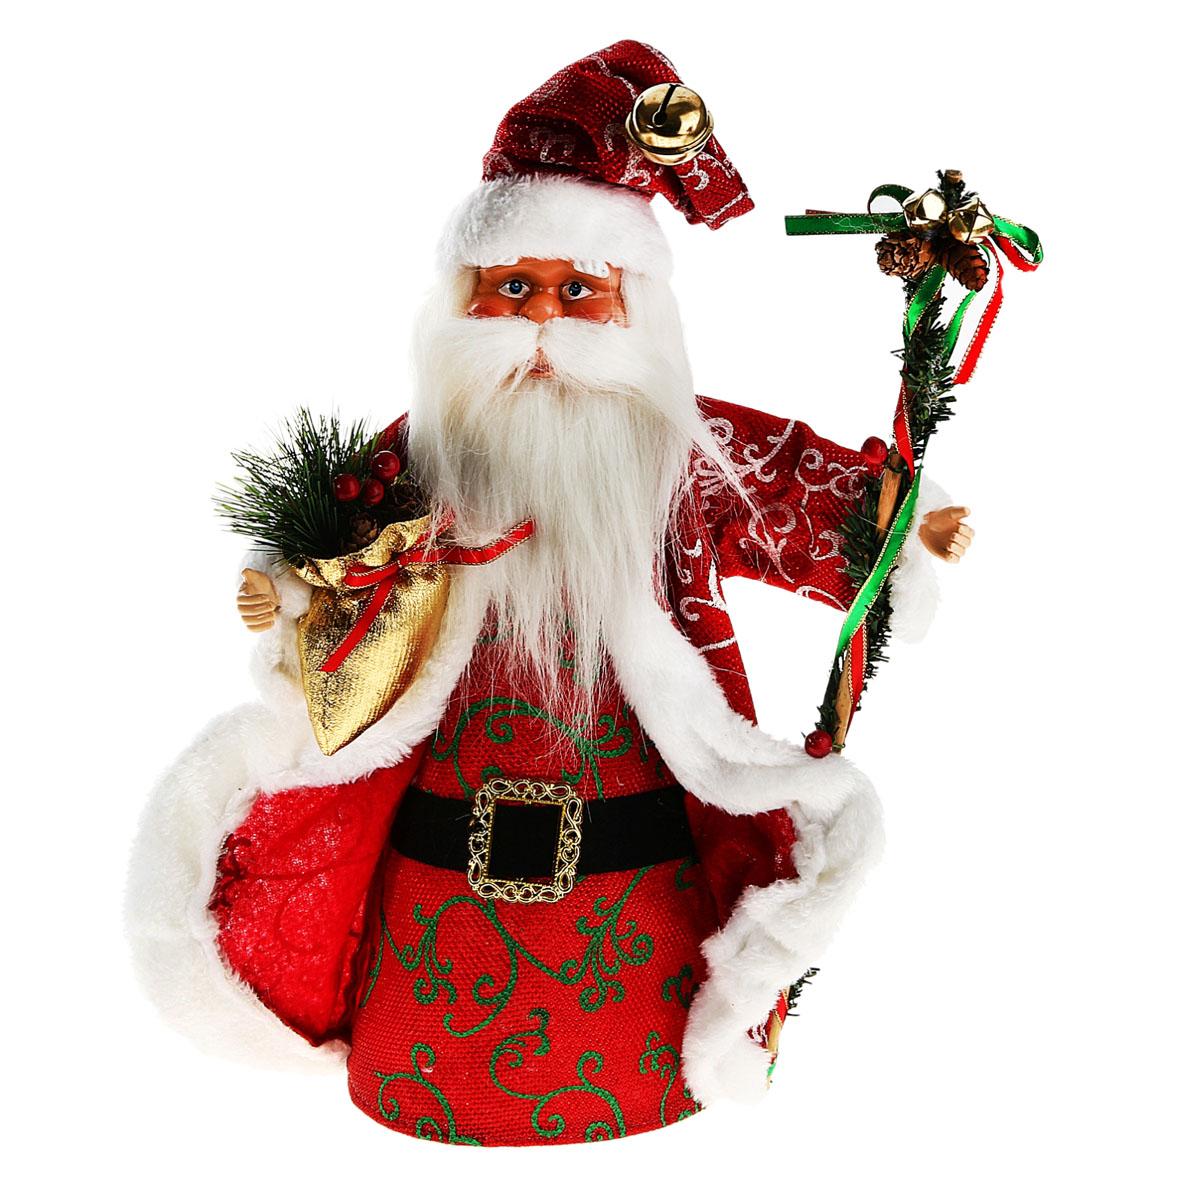 Новогодняя декоративная фигурка Sima-land Дед Мороз с гостинцами, высота 39 см701534Новогодняя декоративная фигурка выполнена из высококачественного пластика в виде Деда Мороза. Дед Мороз одет в шубу с опушкой и декорированную люрексом и орнаментом. На голове колпак в цвет шубы с бубенцом. В одной руке Дед Мороз держит мешок с сосновыми ветками и шишками, а в другой посох. Его добрый вид и очаровательная улыбка притягивают к себе восторженные взгляды. Декоративная фигурка Дед Мороз подойдет для оформления новогоднего интерьера и принесет с собой атмосферу радости и веселья.